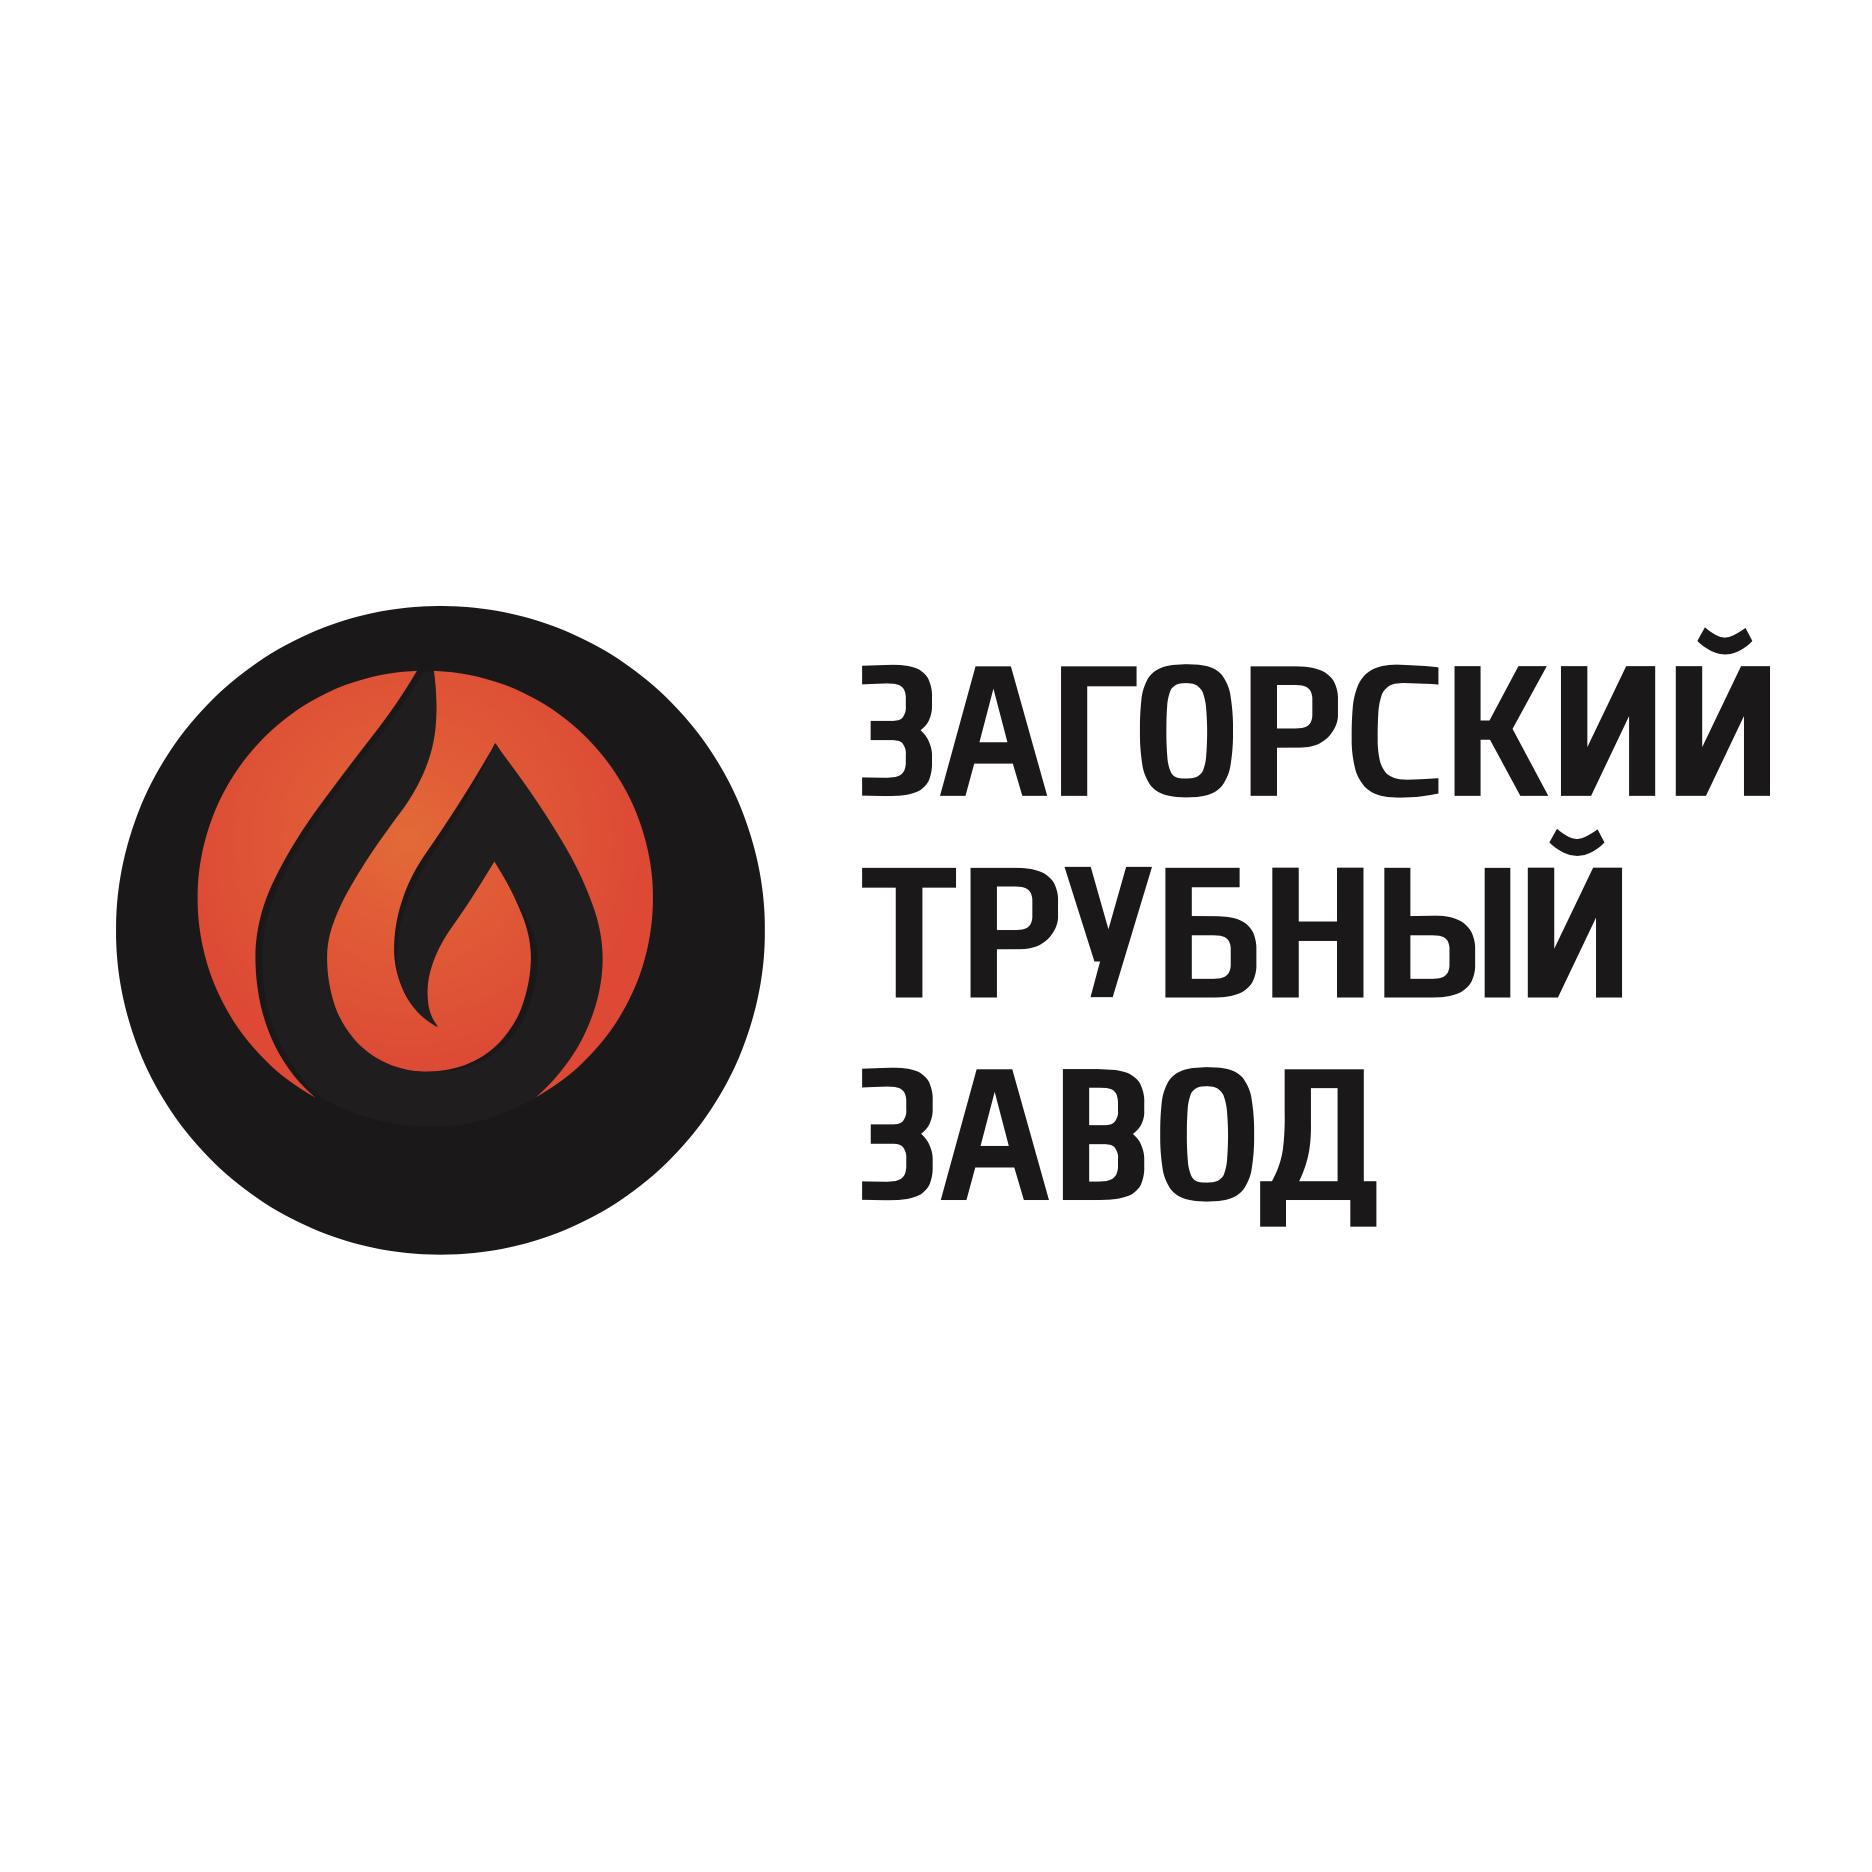 Логотип клиента Загорский трубный завод